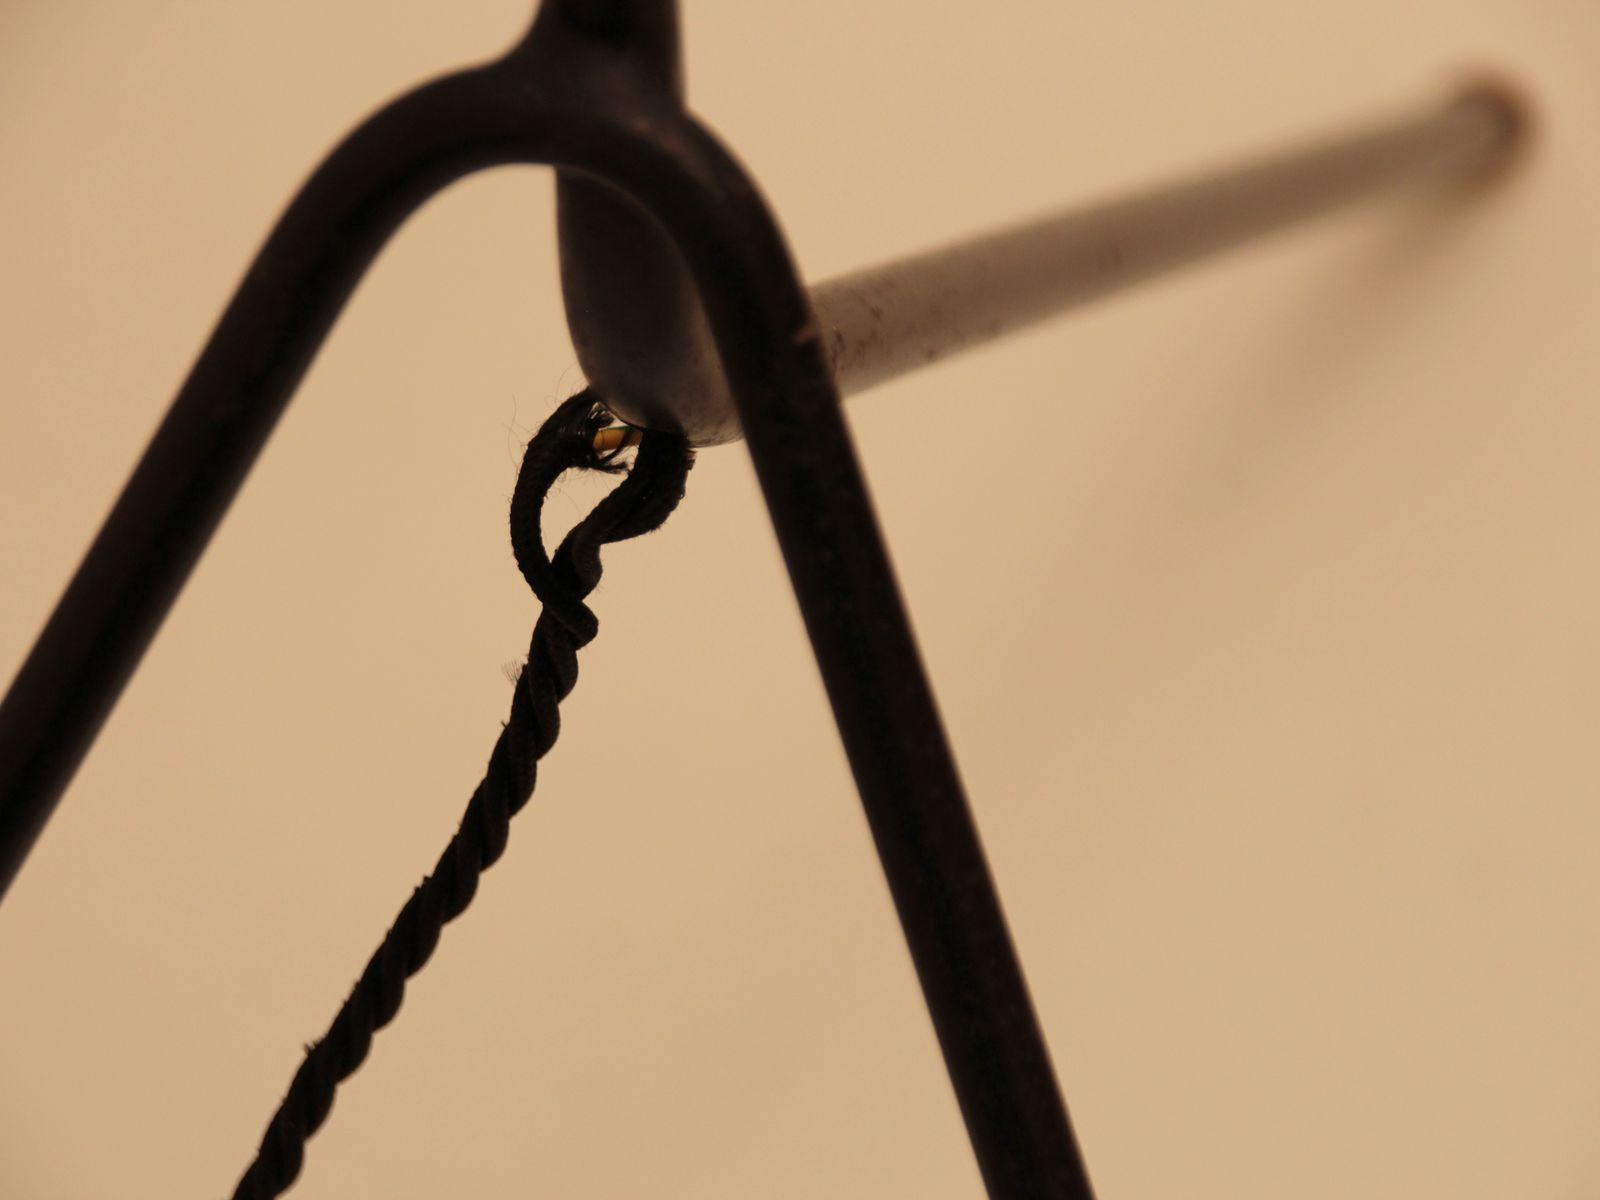 franz sische mid century stehlampe mit dreifu 1950er bei pamono kaufen. Black Bedroom Furniture Sets. Home Design Ideas